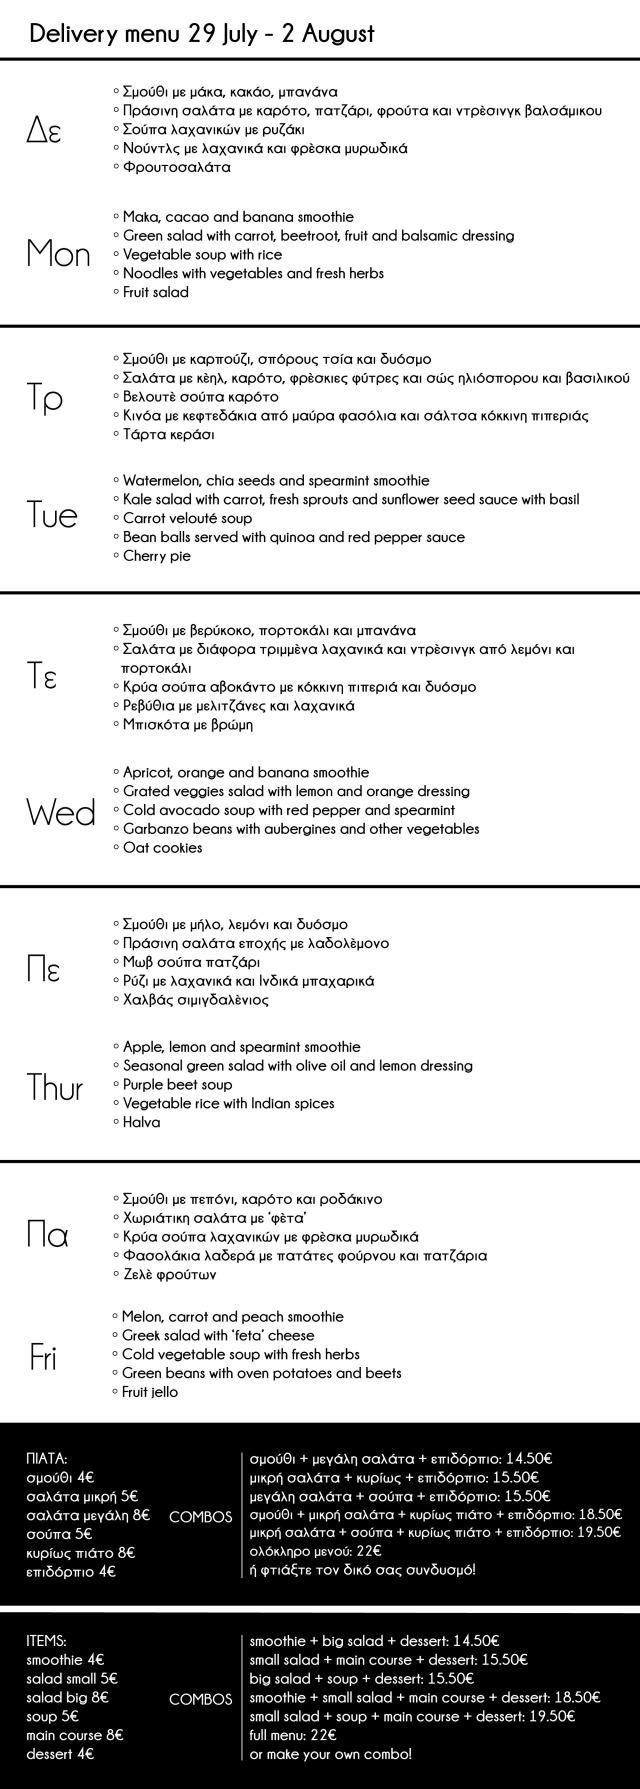 menu_29.7-2.8